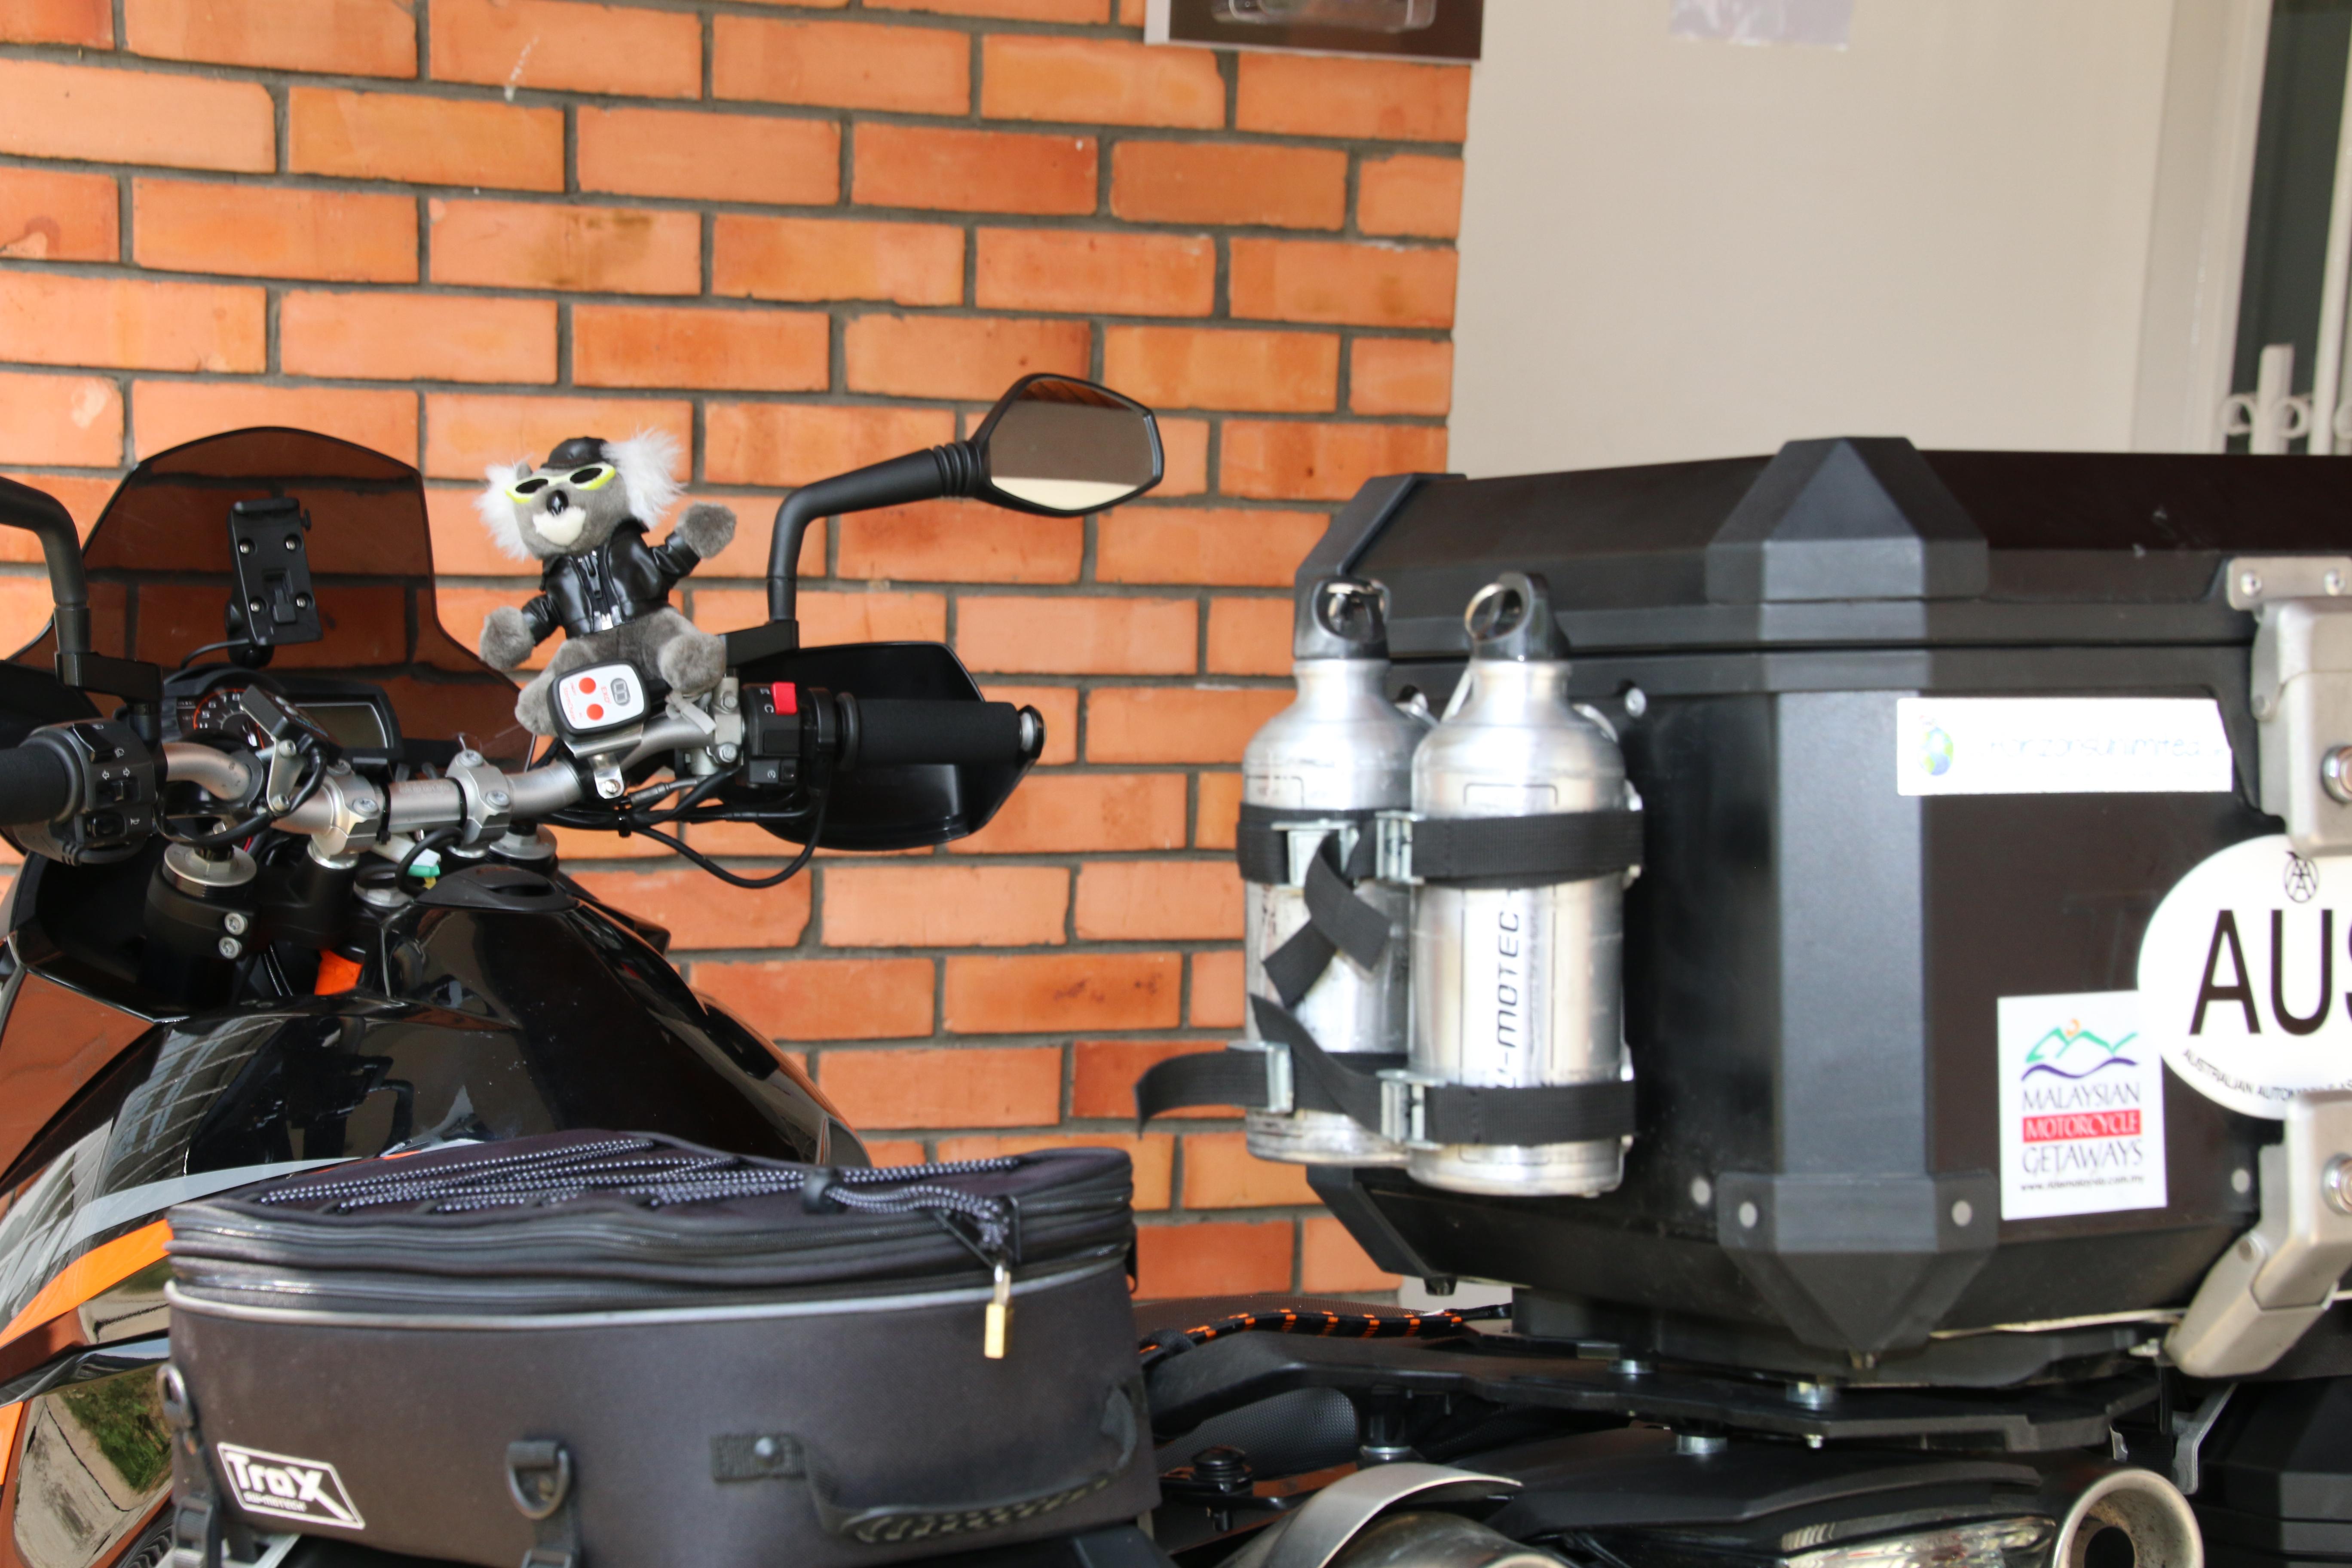 Preparing for KTM ride around the world